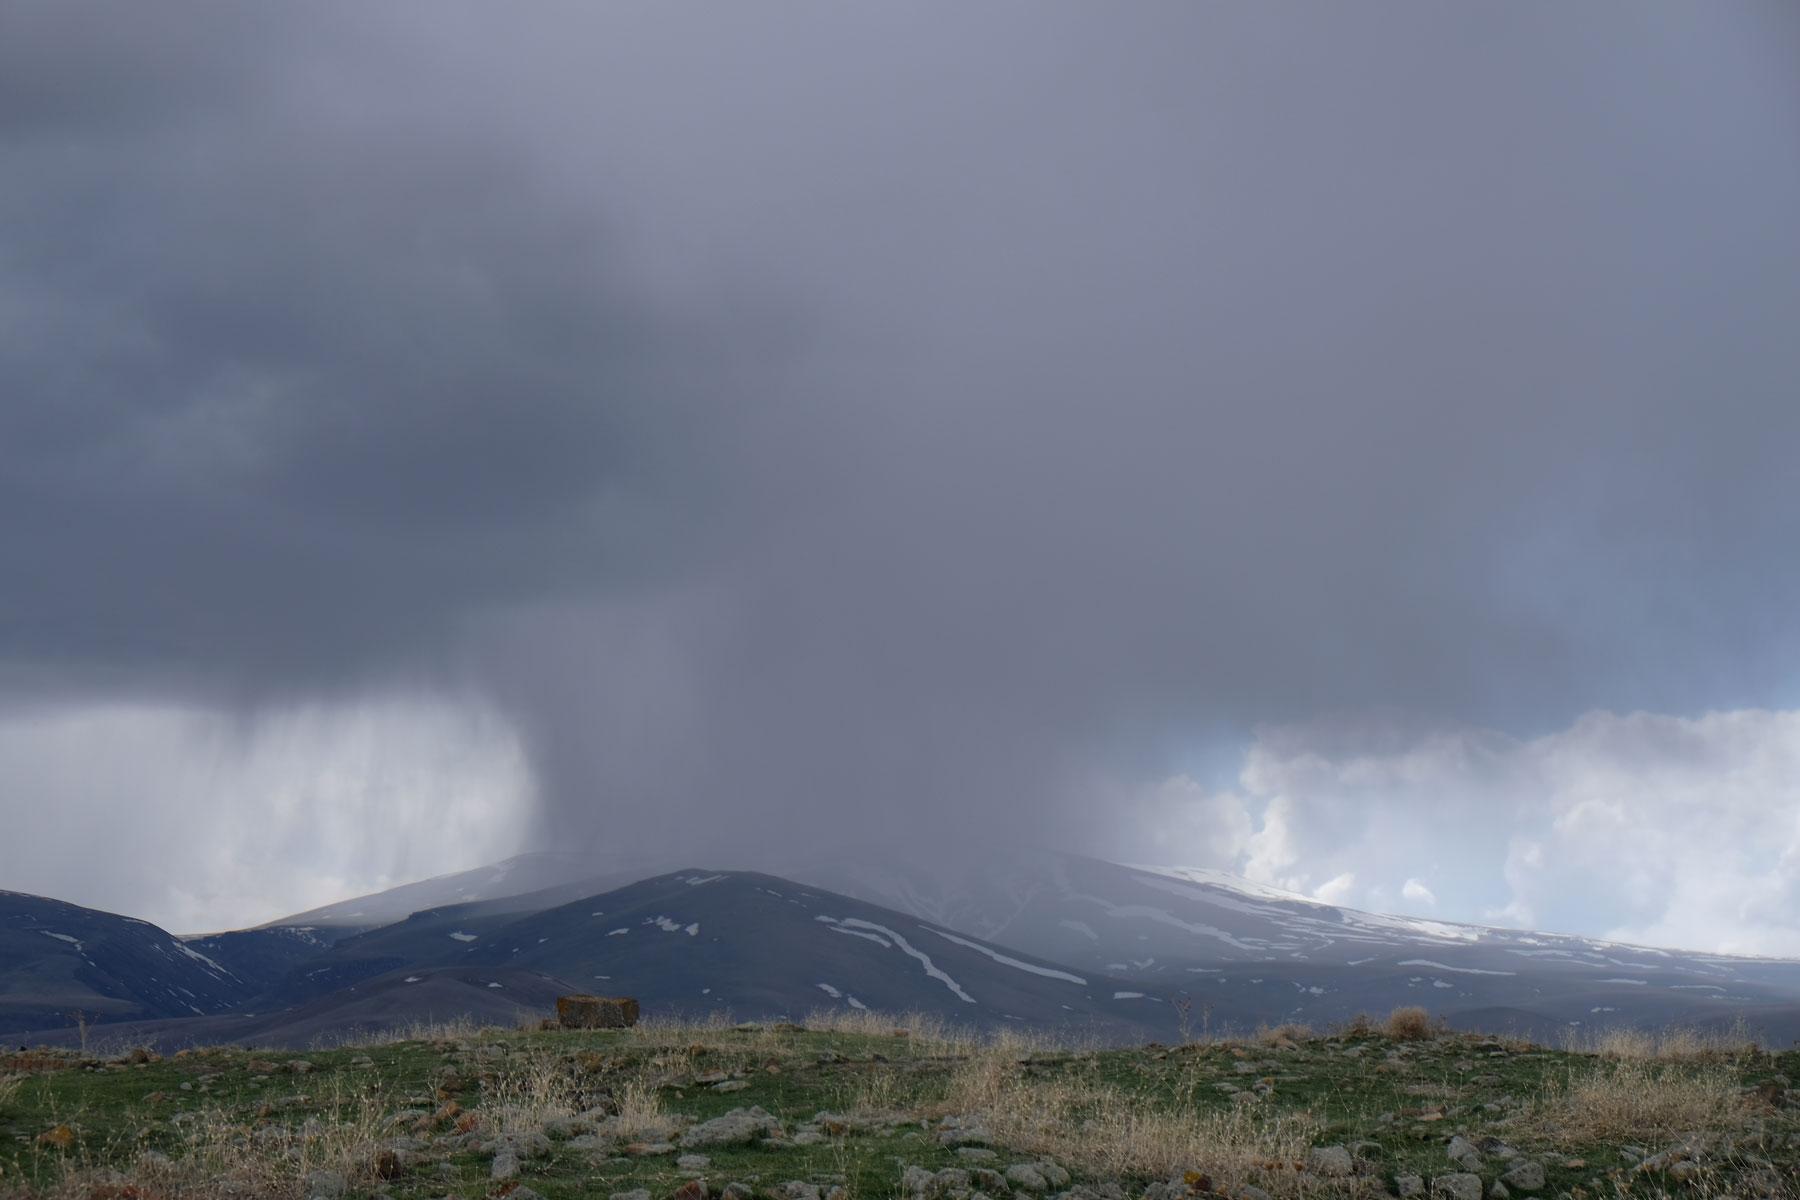 Am Gipfel regnet es bereits